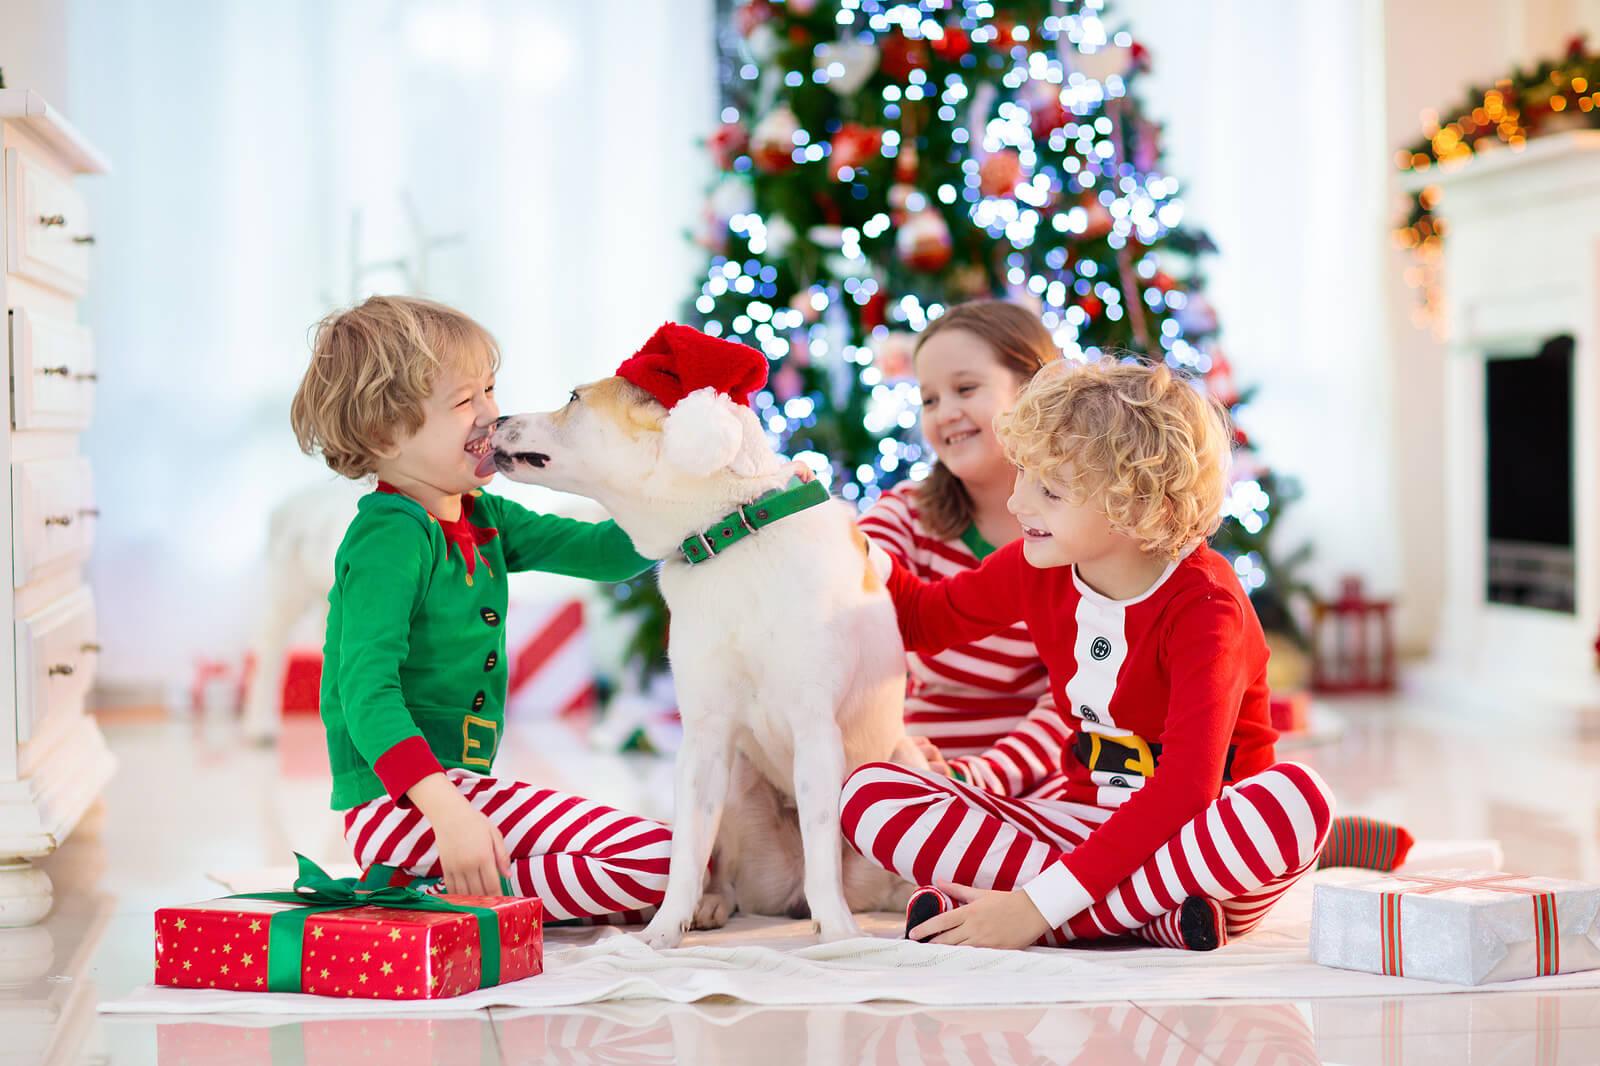 Niños aprendiendo los valores de la Navidad junto a su perro.